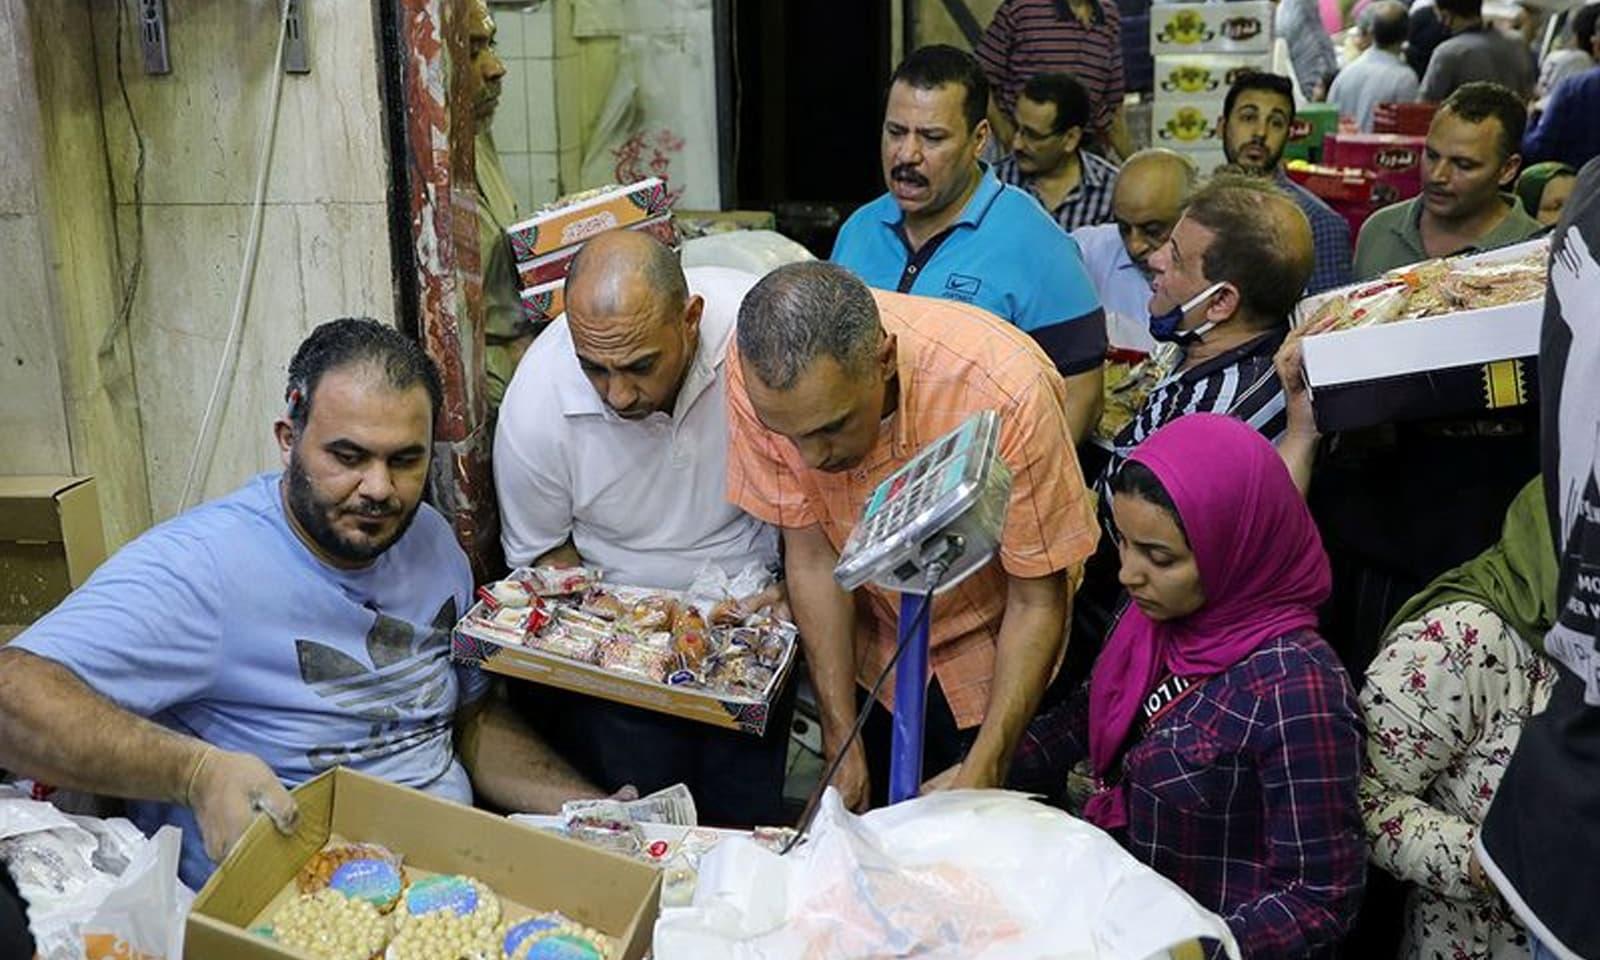 مصر میں لوگ مٹھائی خرید رہے ہیں— فوٹو:رائٹرز